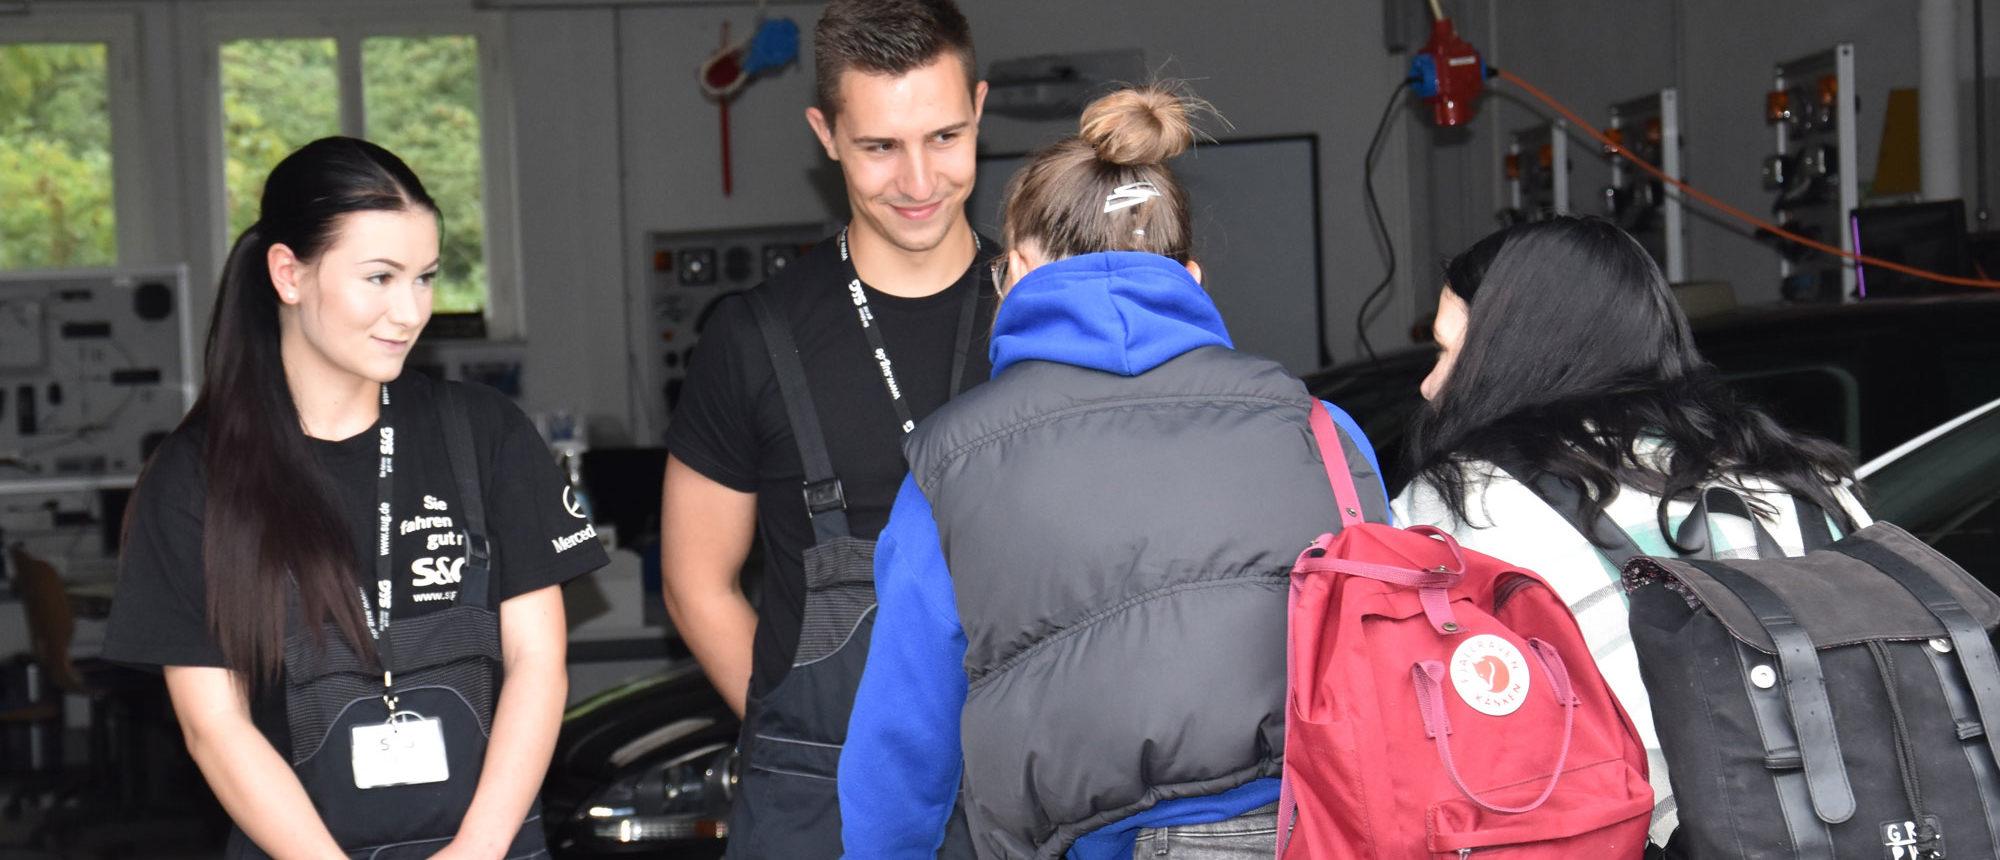 Mia und Ryan, Auszubildende der S&G Automobil GmbH, informieren über den Beruf der Kfz-Mechatronikerin bzw. des Kfz-Mechatronikers.